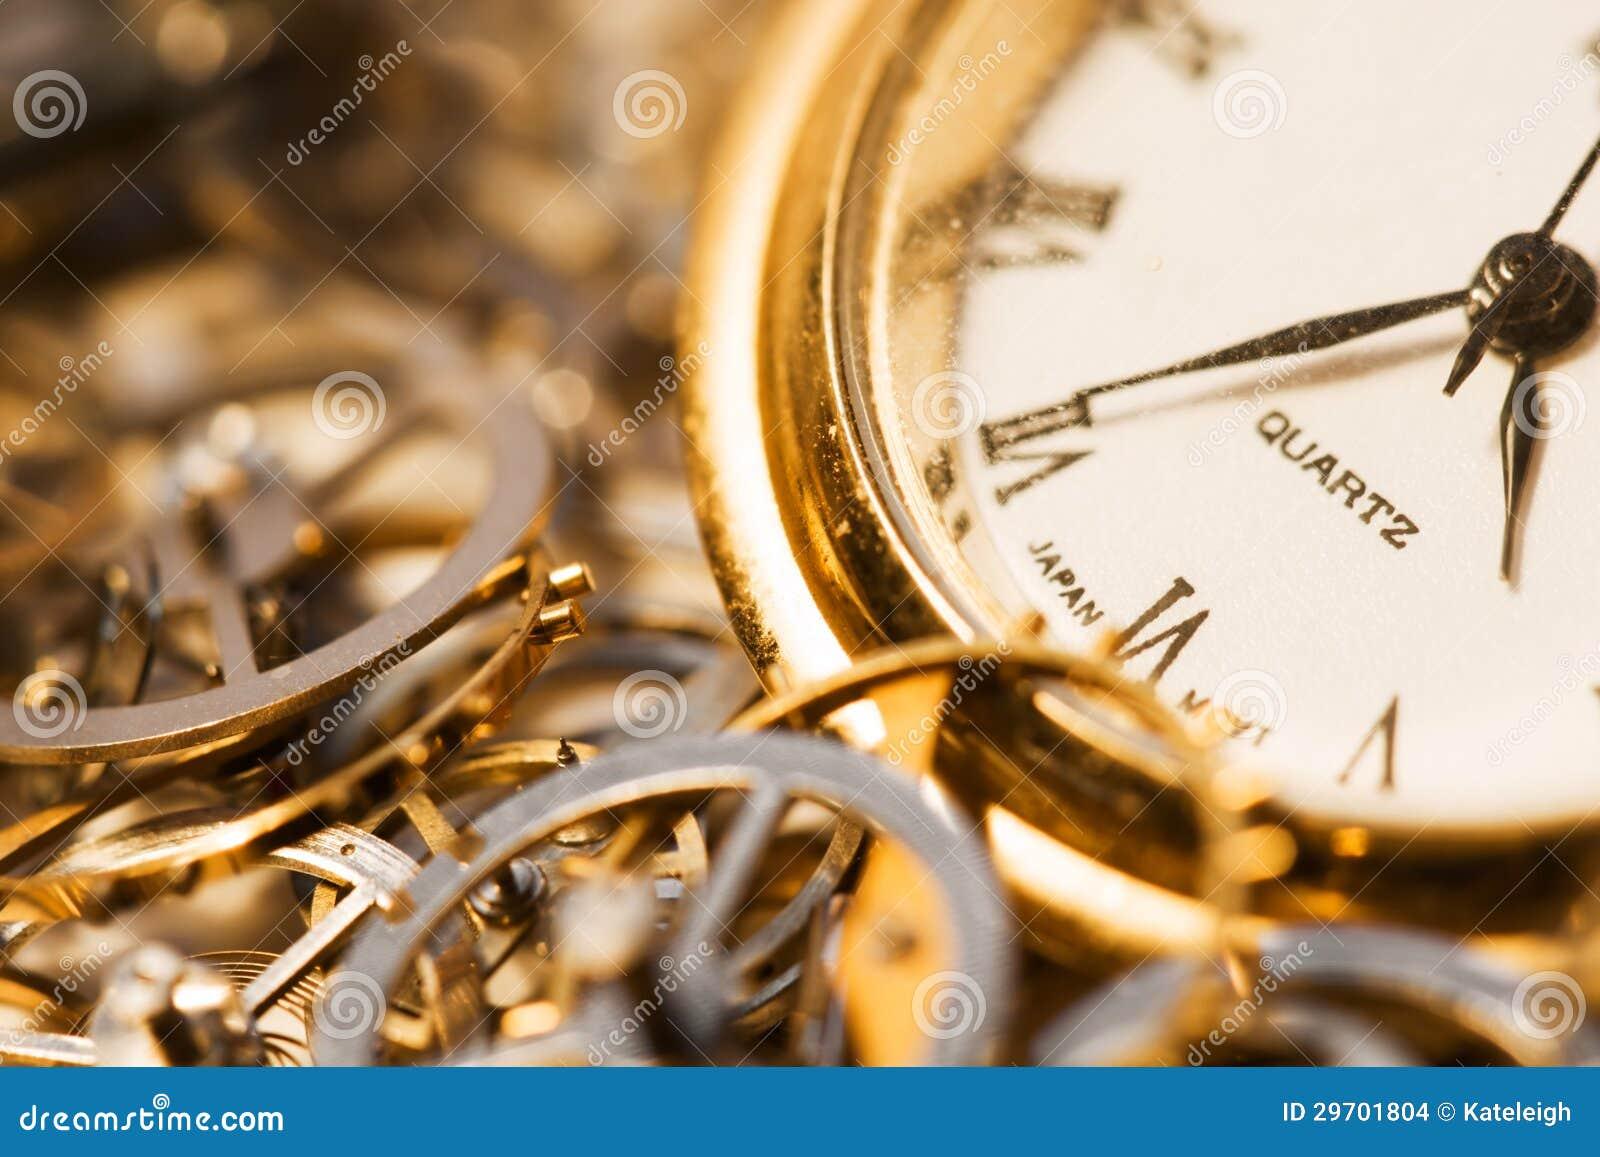 Stary zegarek i przekładnie